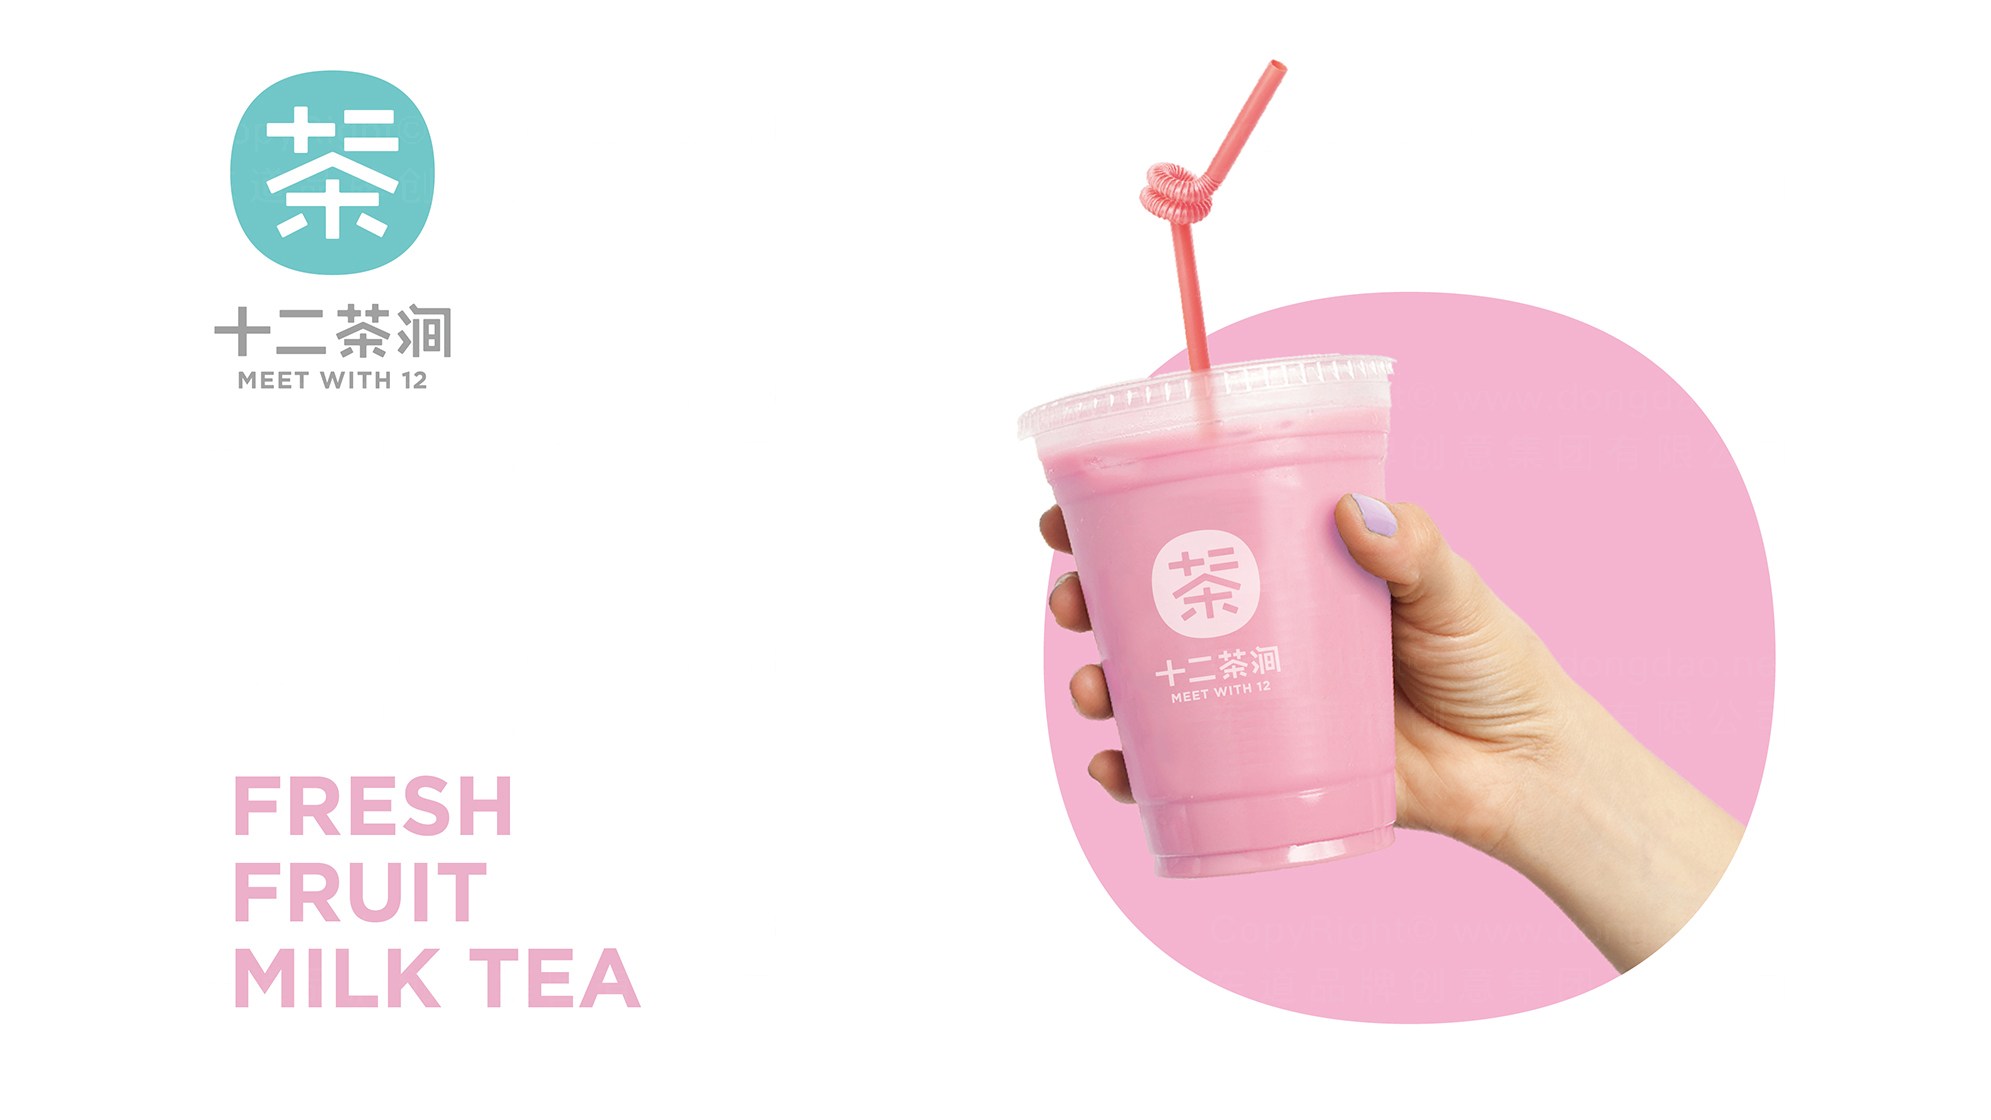 品牌设计十二茶涧LOGO&VI设计应用场景